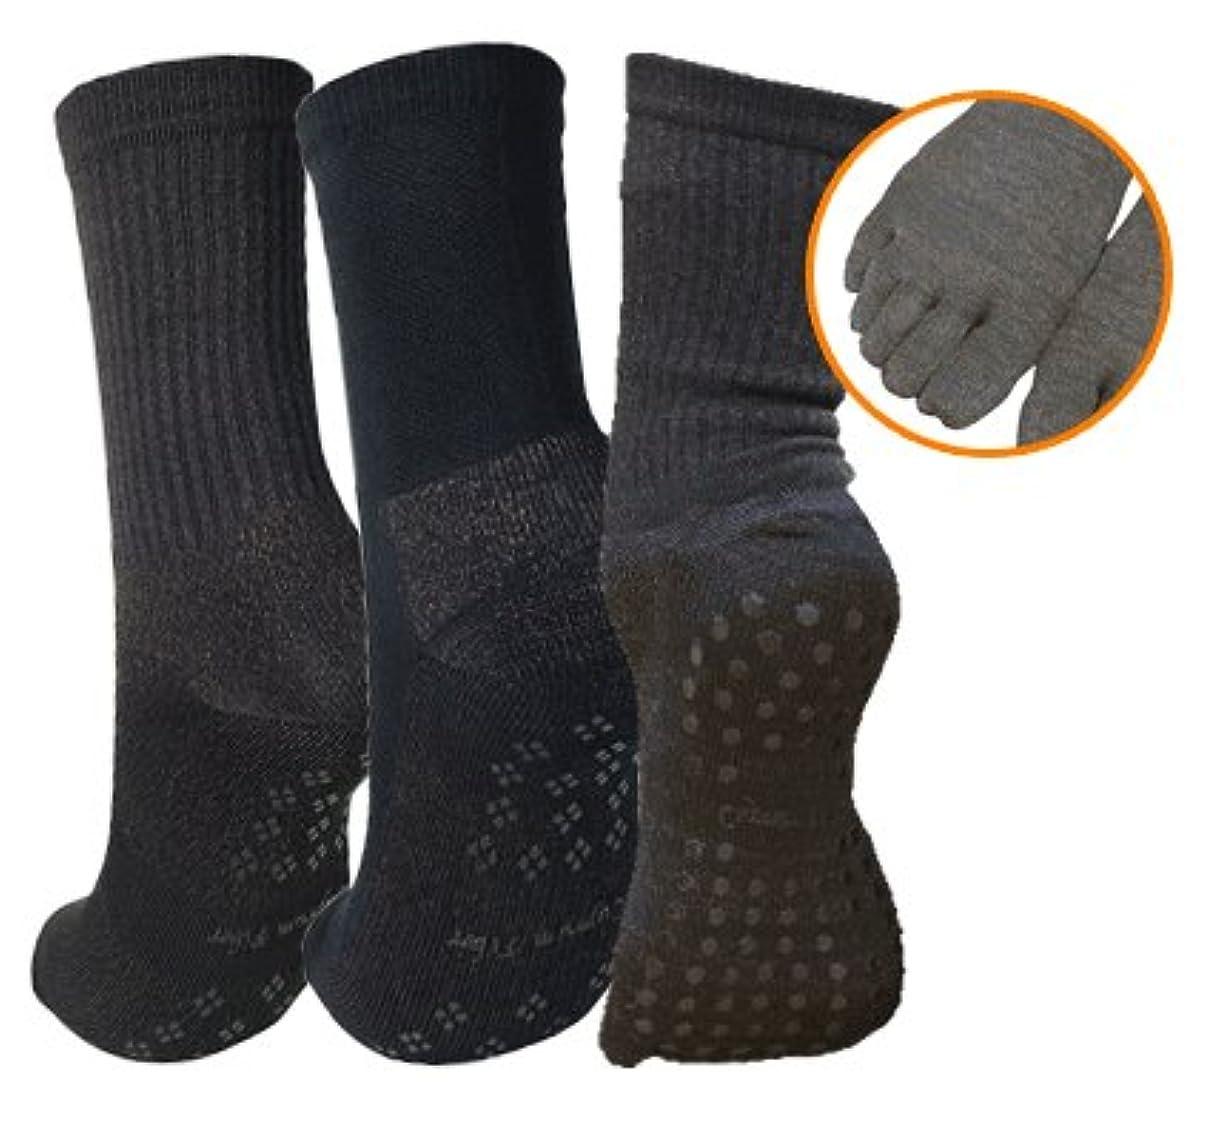 素晴らしさ主婦激怒銅繊維靴下「足もとはいつも青春」 女性専用お得お試し3点セット 【しもやけ対策に】